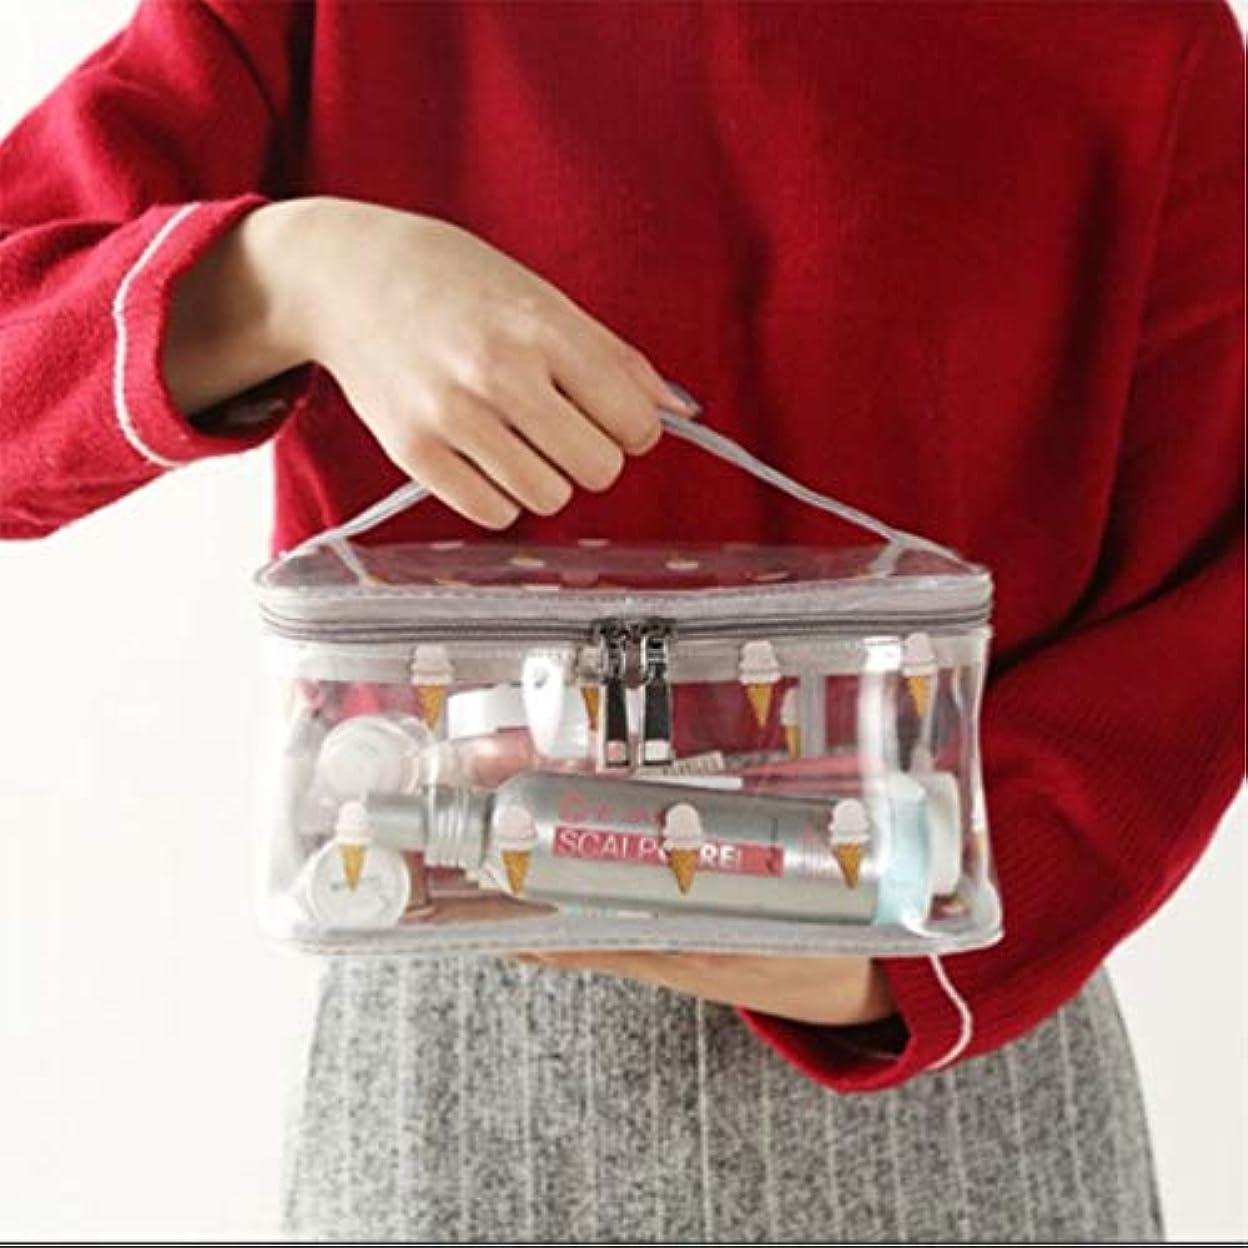 カポックとげ急降下化粧品収納バッグ、透明PVC旅行化粧バッグポーチ防水トイレタリーバッグ、ハンドルデザイン